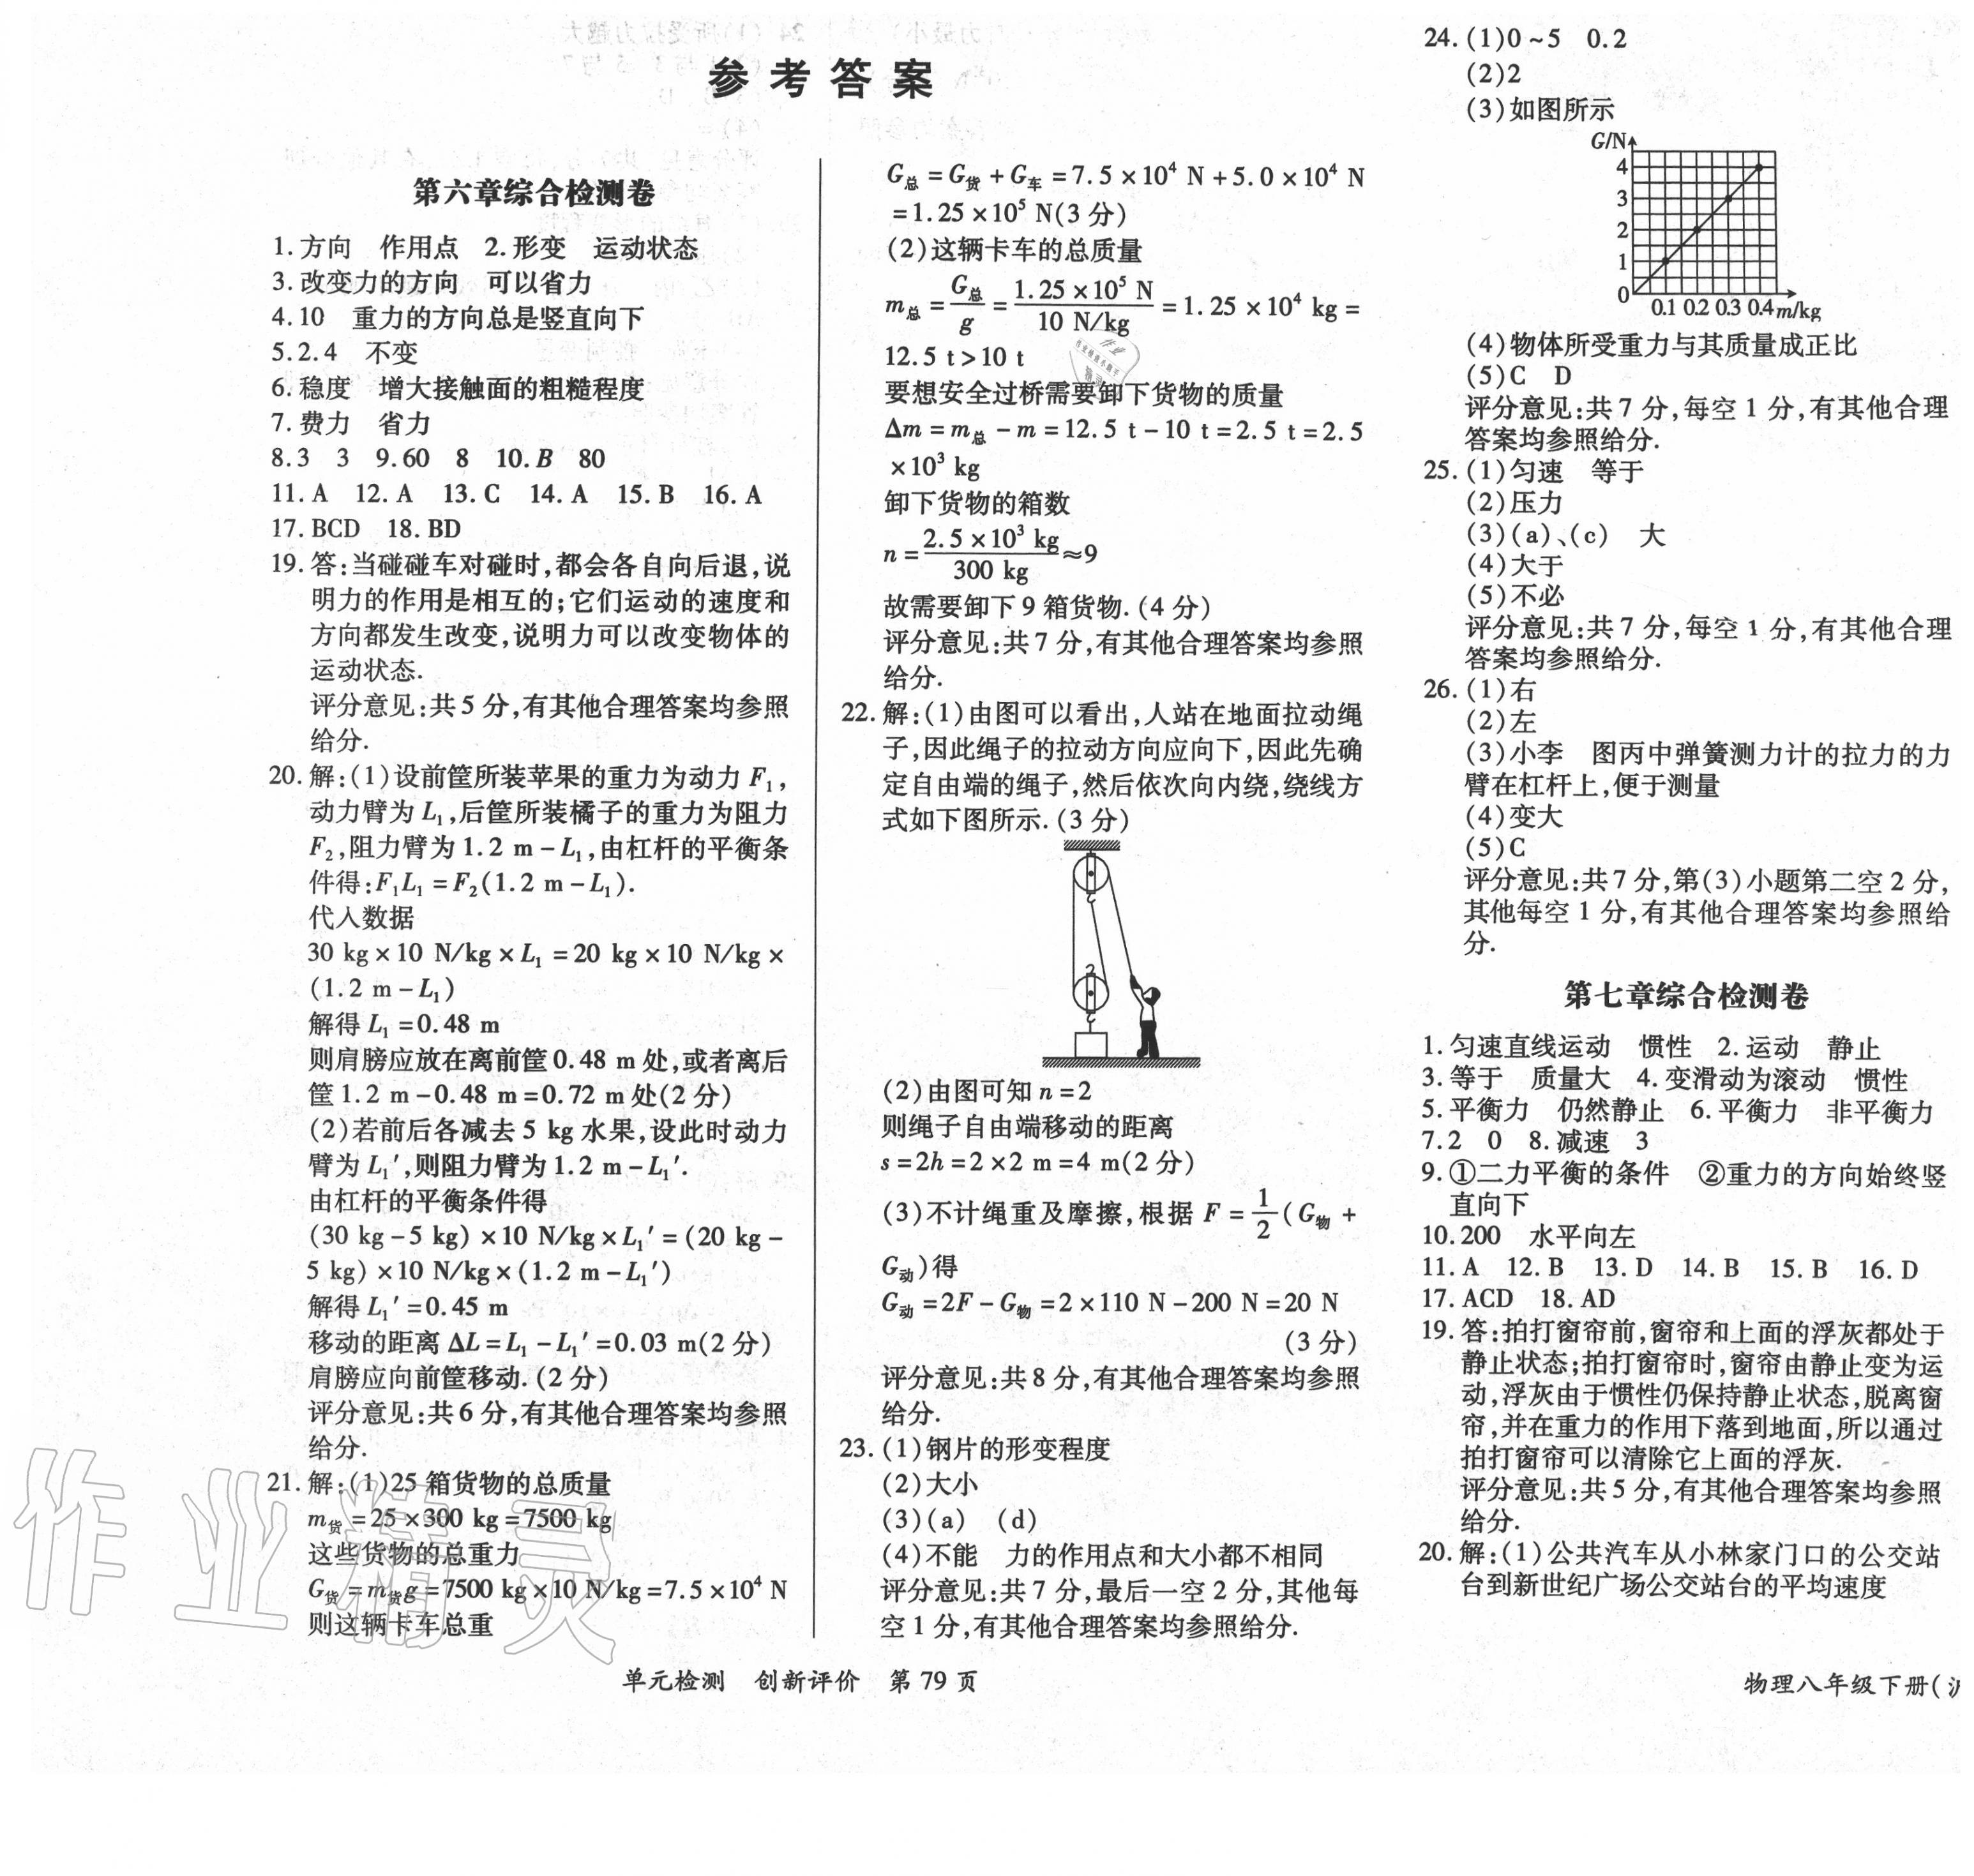 2020年新评价单元检测创新评价八年级物理下册沪粤版第1页